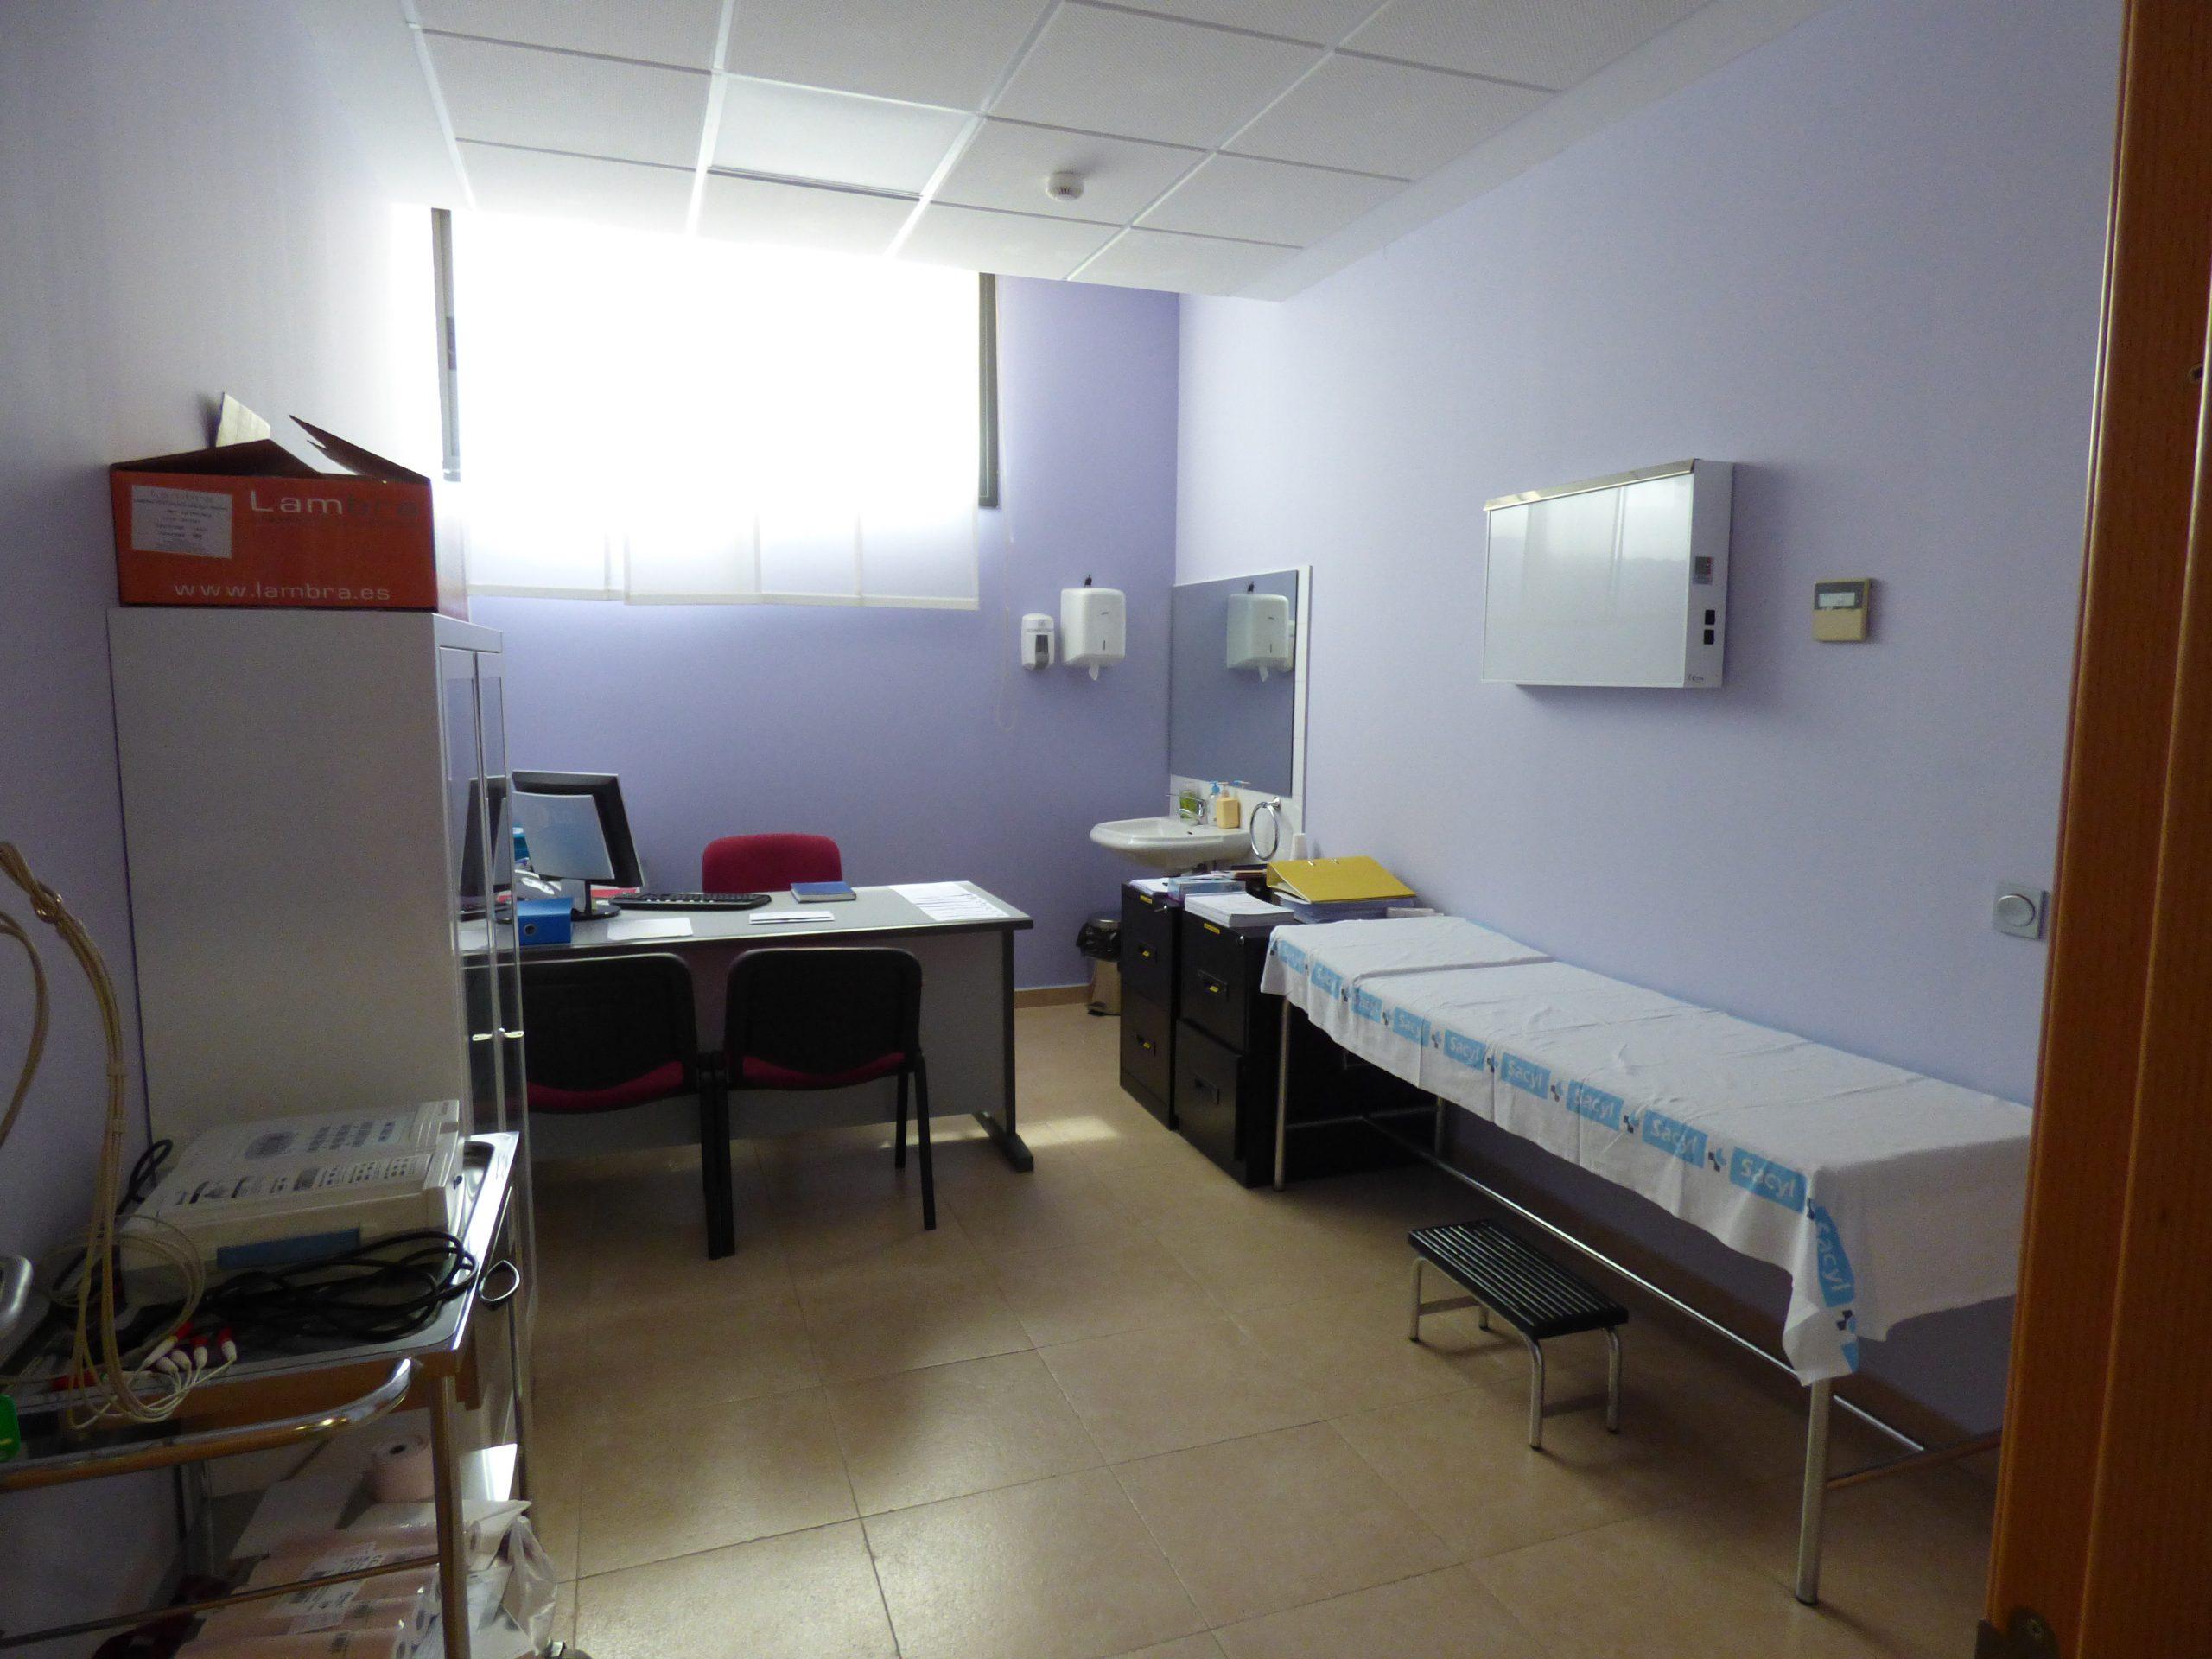 Atención médica y de enfermería valdihuertos